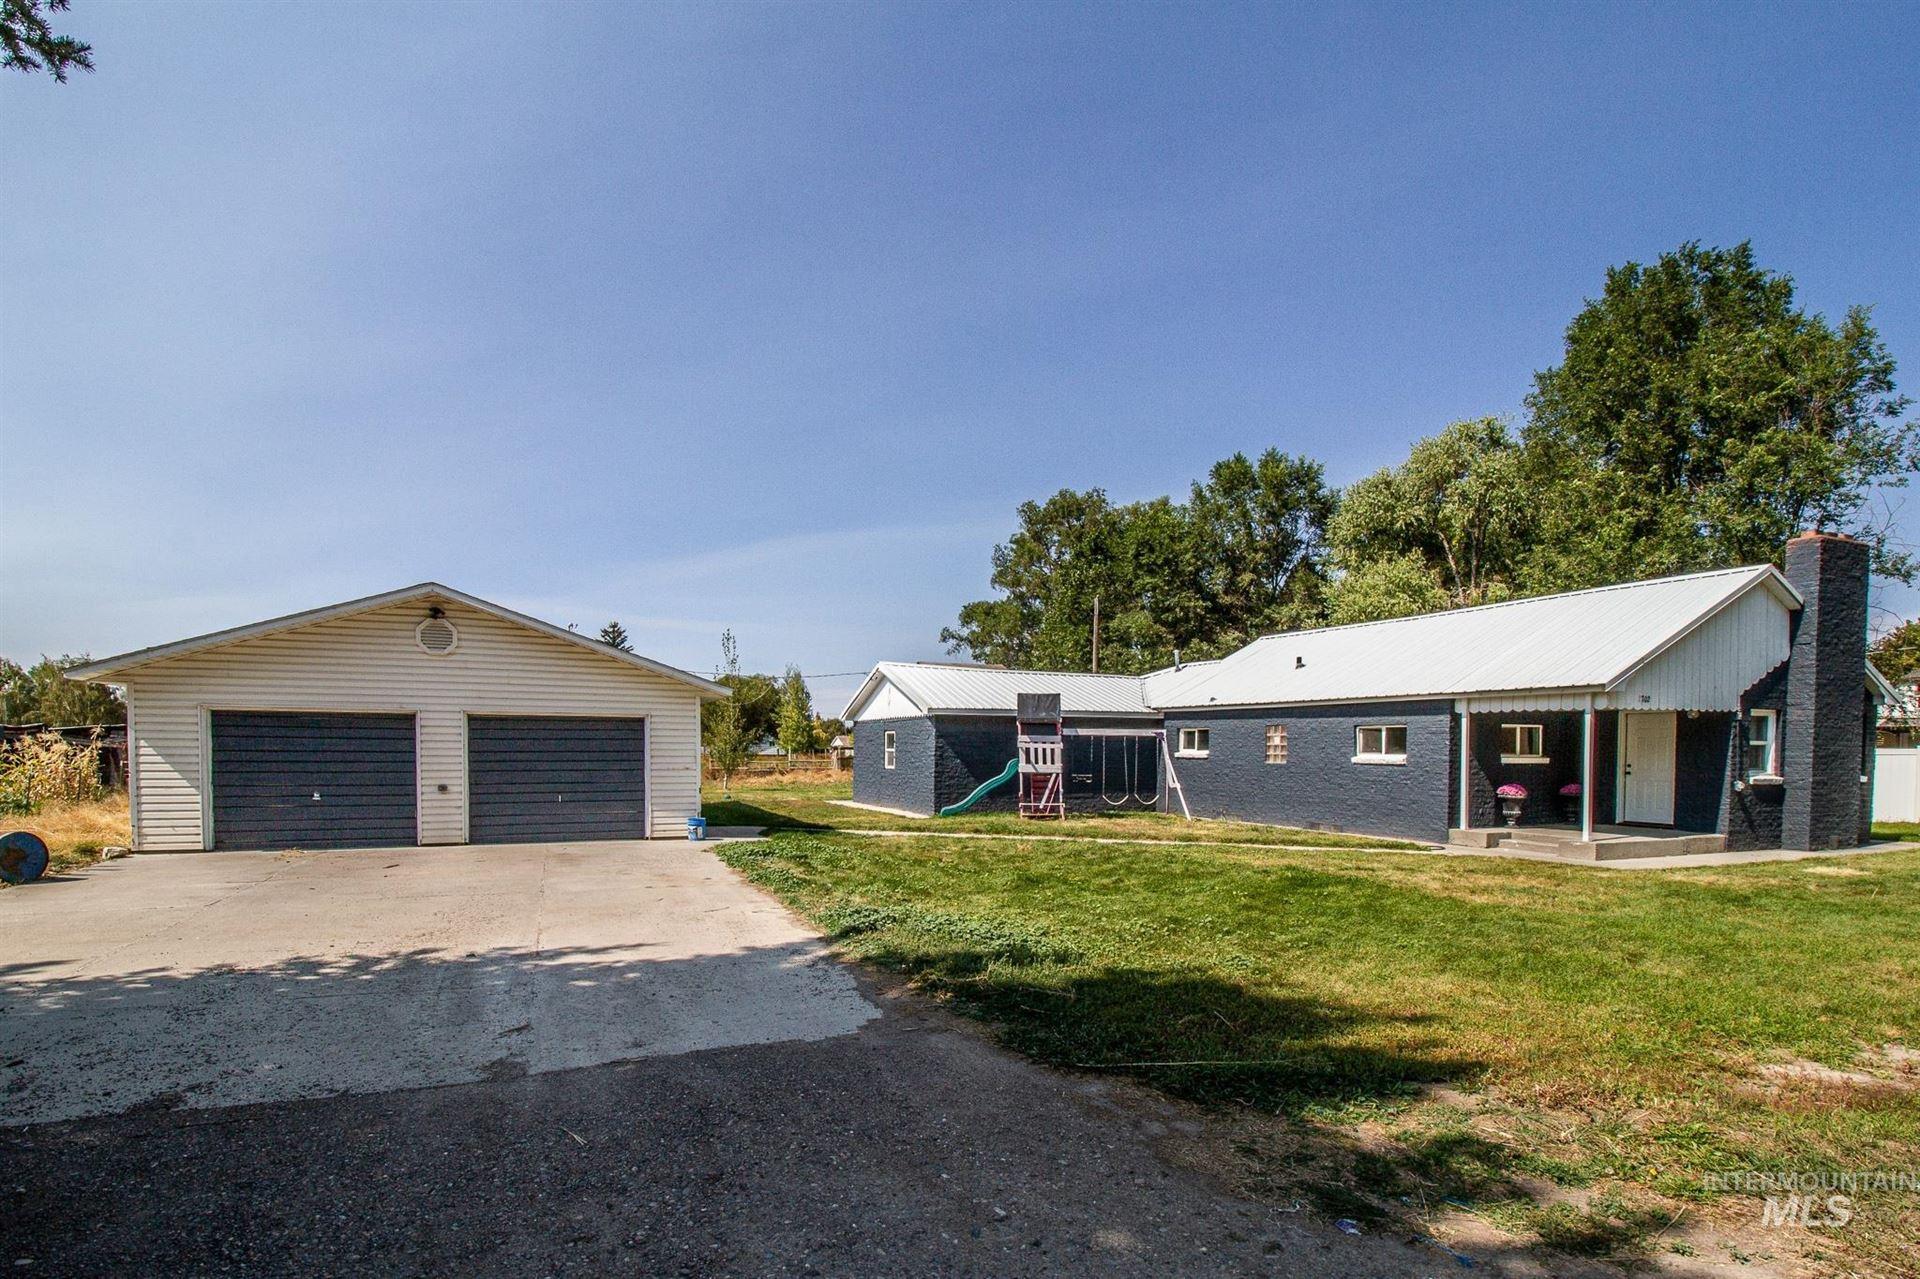 Photo of 1702 Monroe Ave, Burley, ID 83318-3318 (MLS # 98819363)